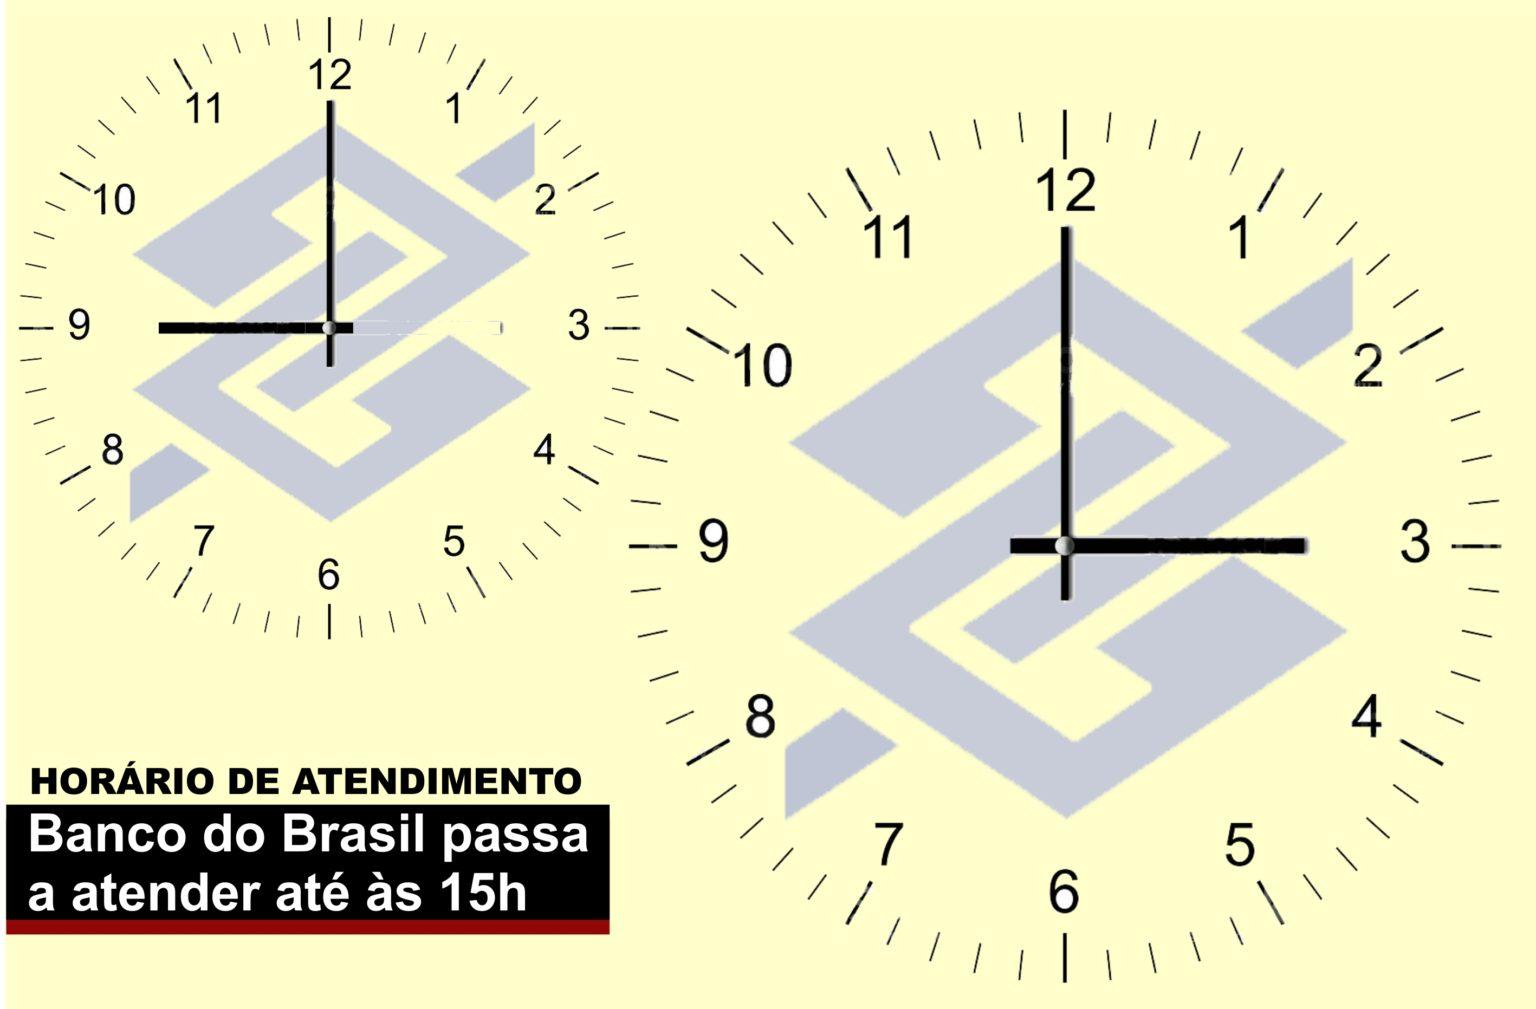 Imagem:Banco do Brasil amplia horário de atendimento até 15h